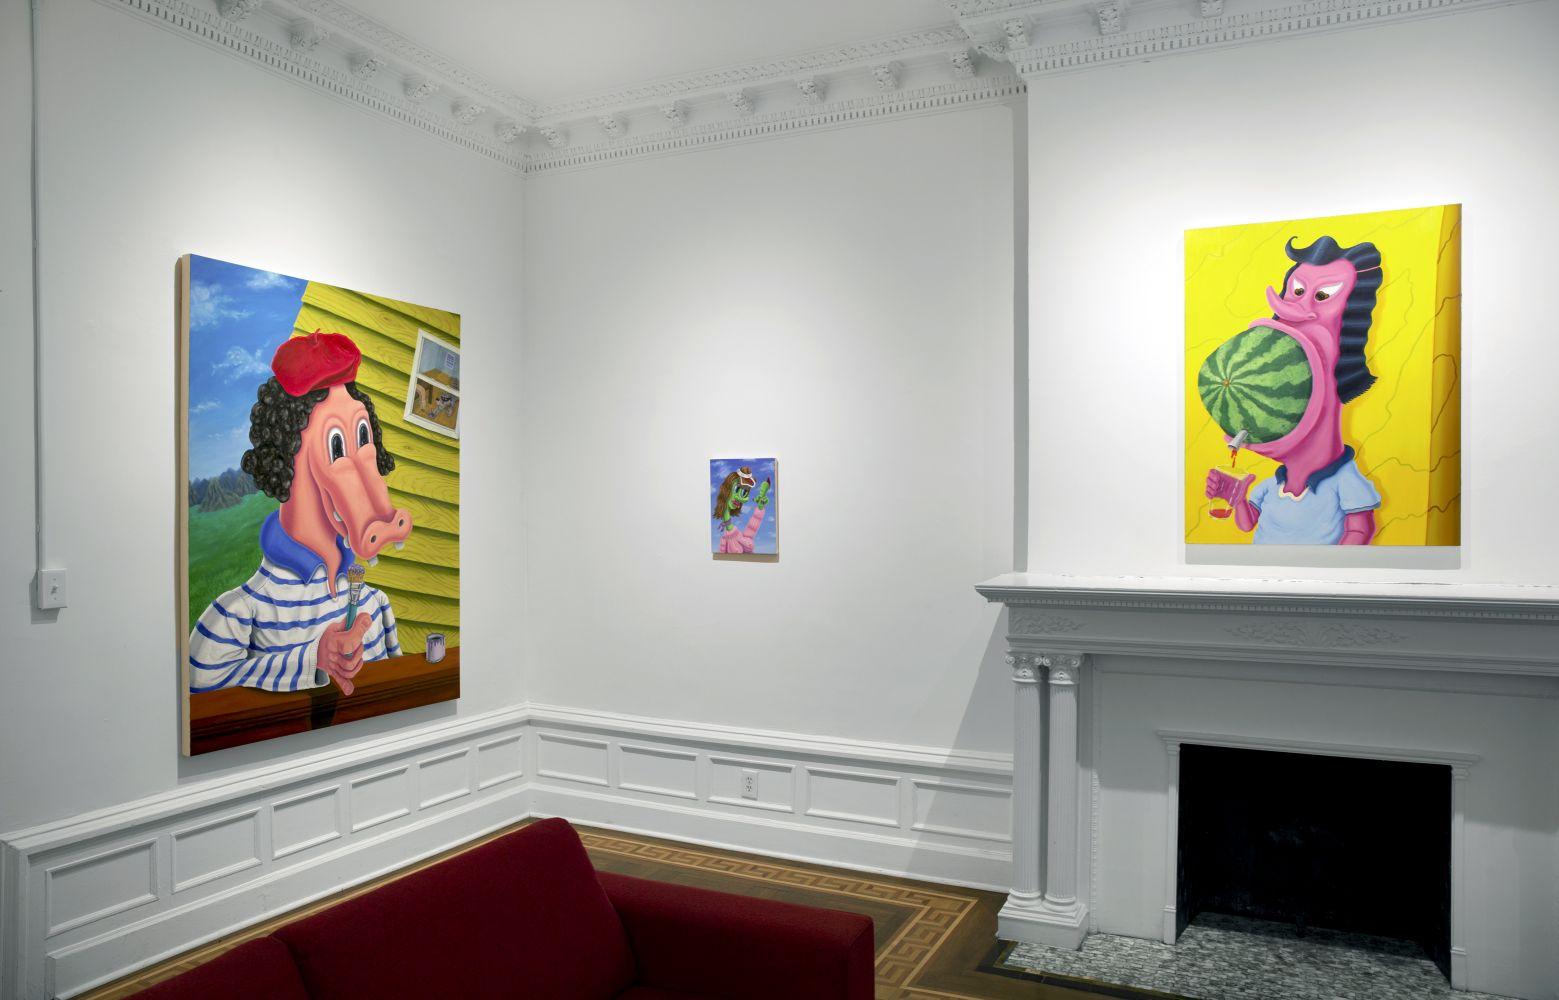 Nicasio Fernandez: Working Through It - installation view